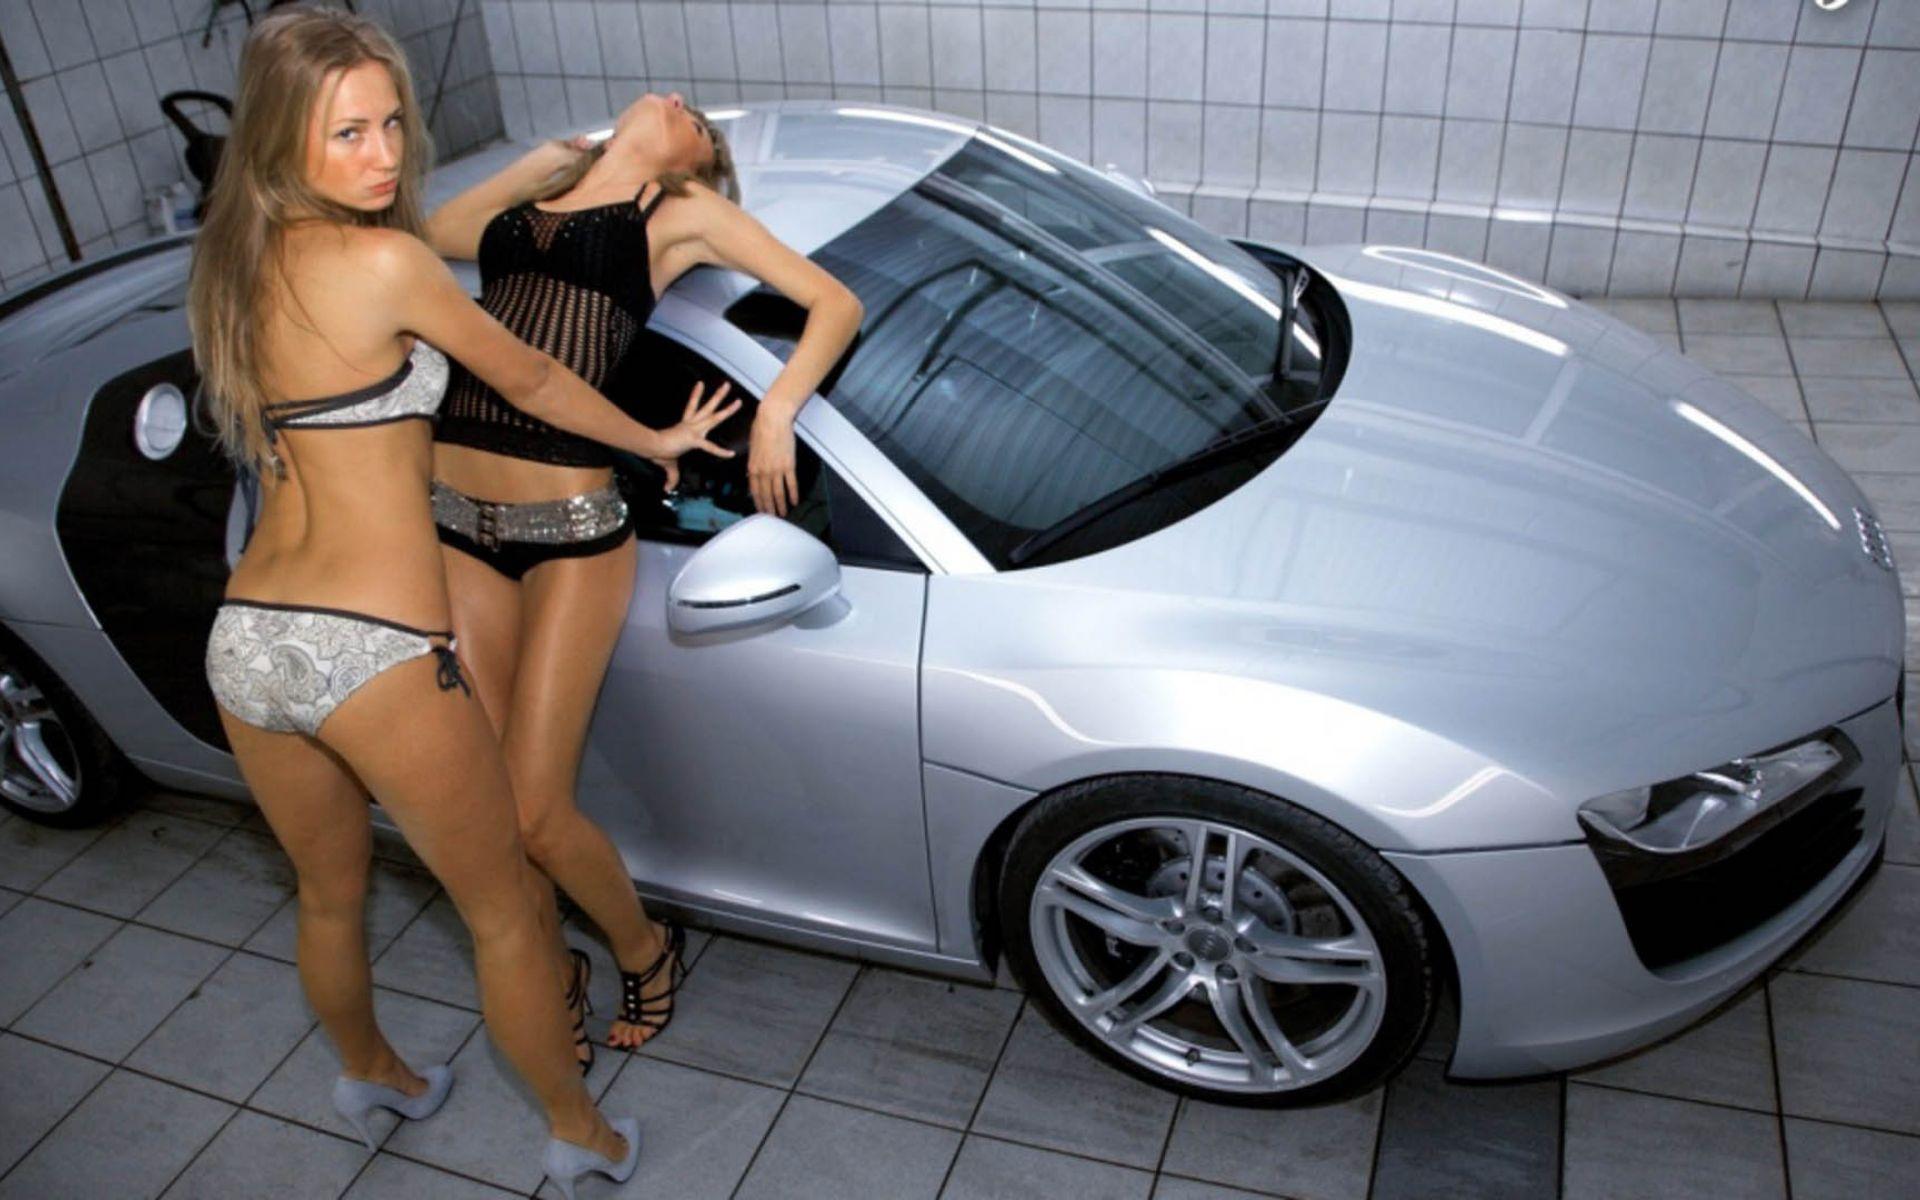 Сексуальные девушки рядом с машинами 9 фотография